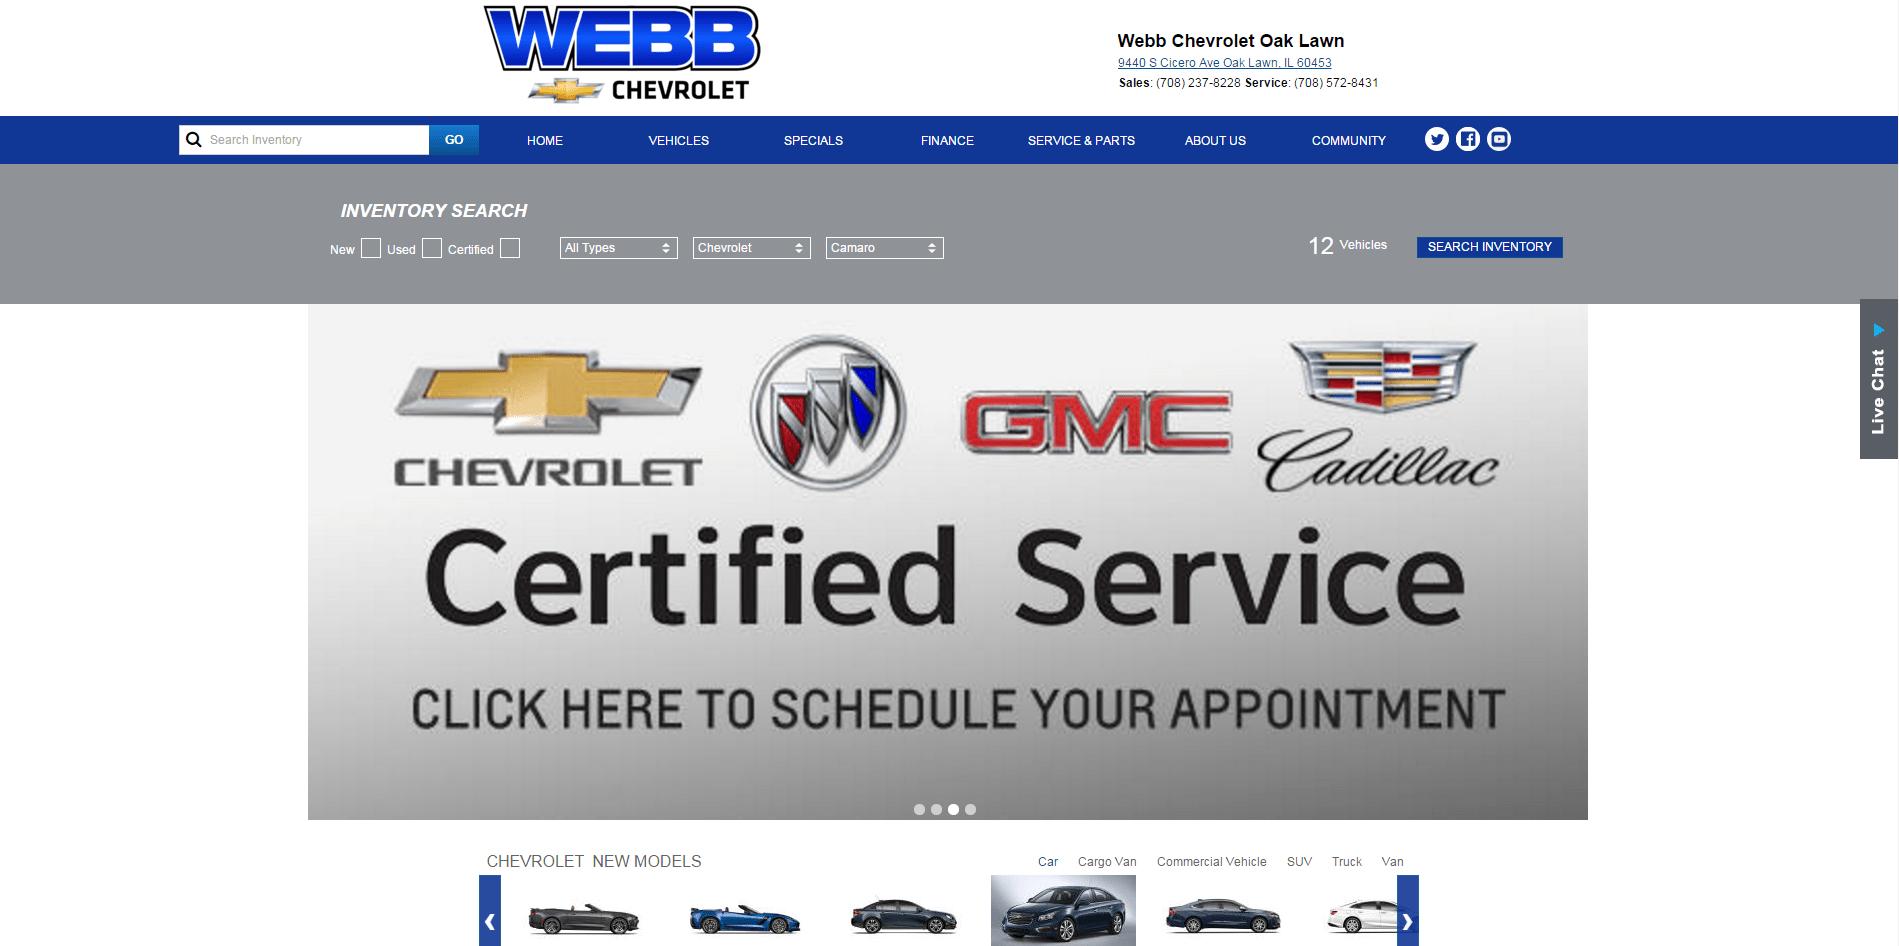 Webb Chevrolet (After) 1.1